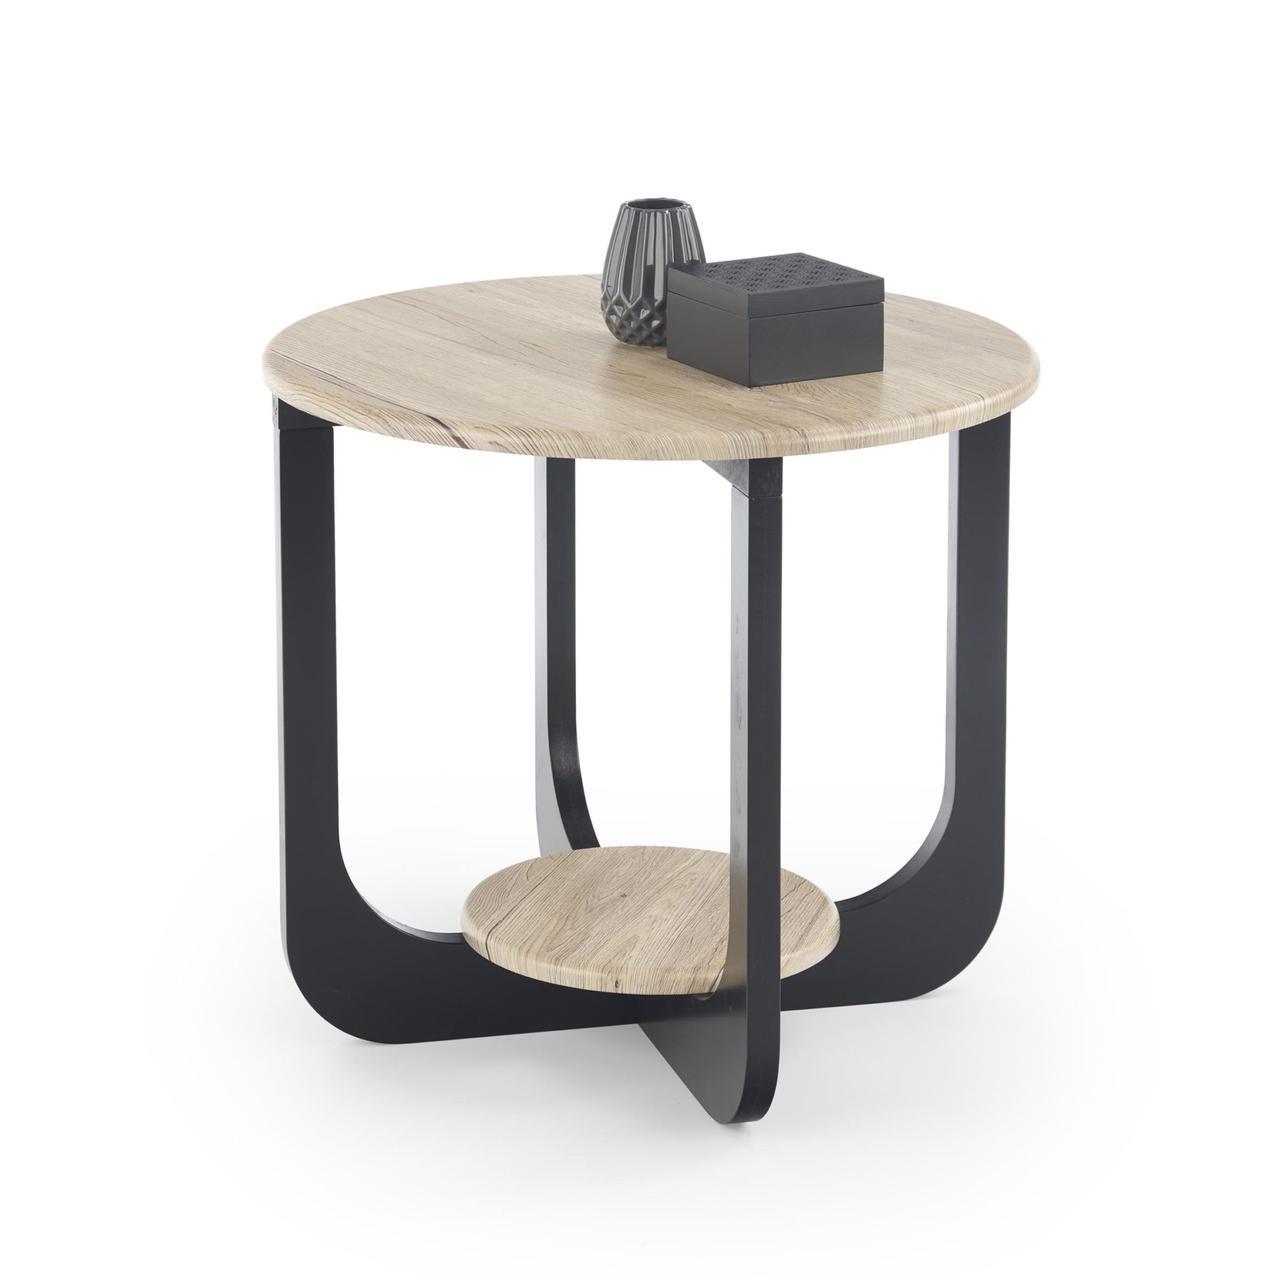 Кофейный столик ODILIA S дуб san remo/черный Halmar